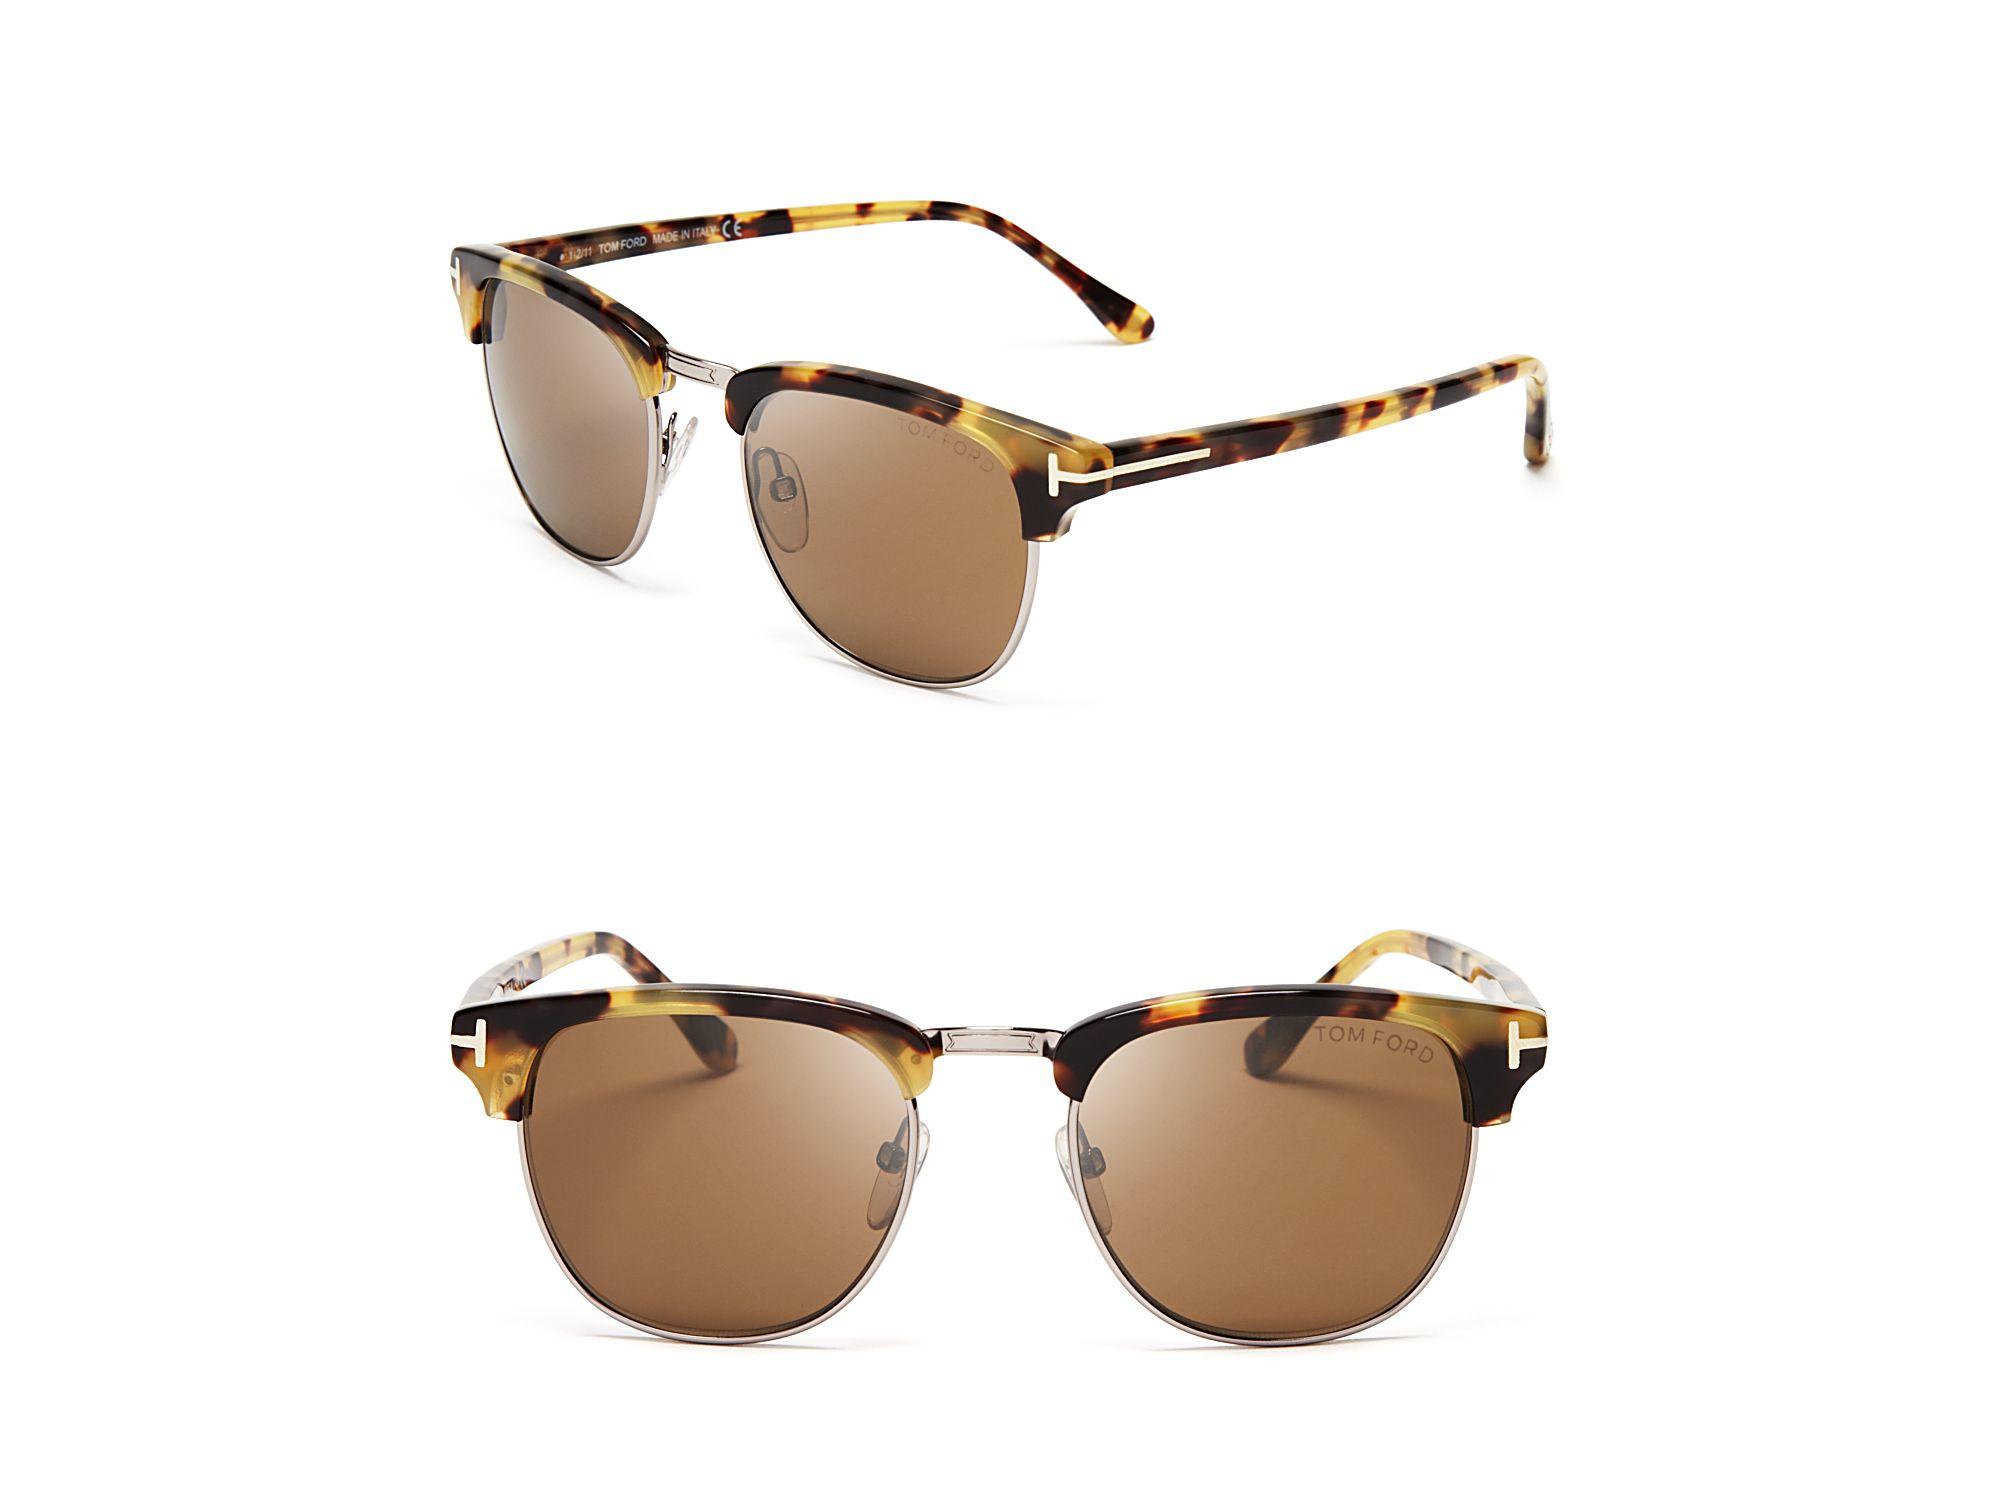 lyst tom ford henry wayfarer sunglasses 51mm in brown. Black Bedroom Furniture Sets. Home Design Ideas